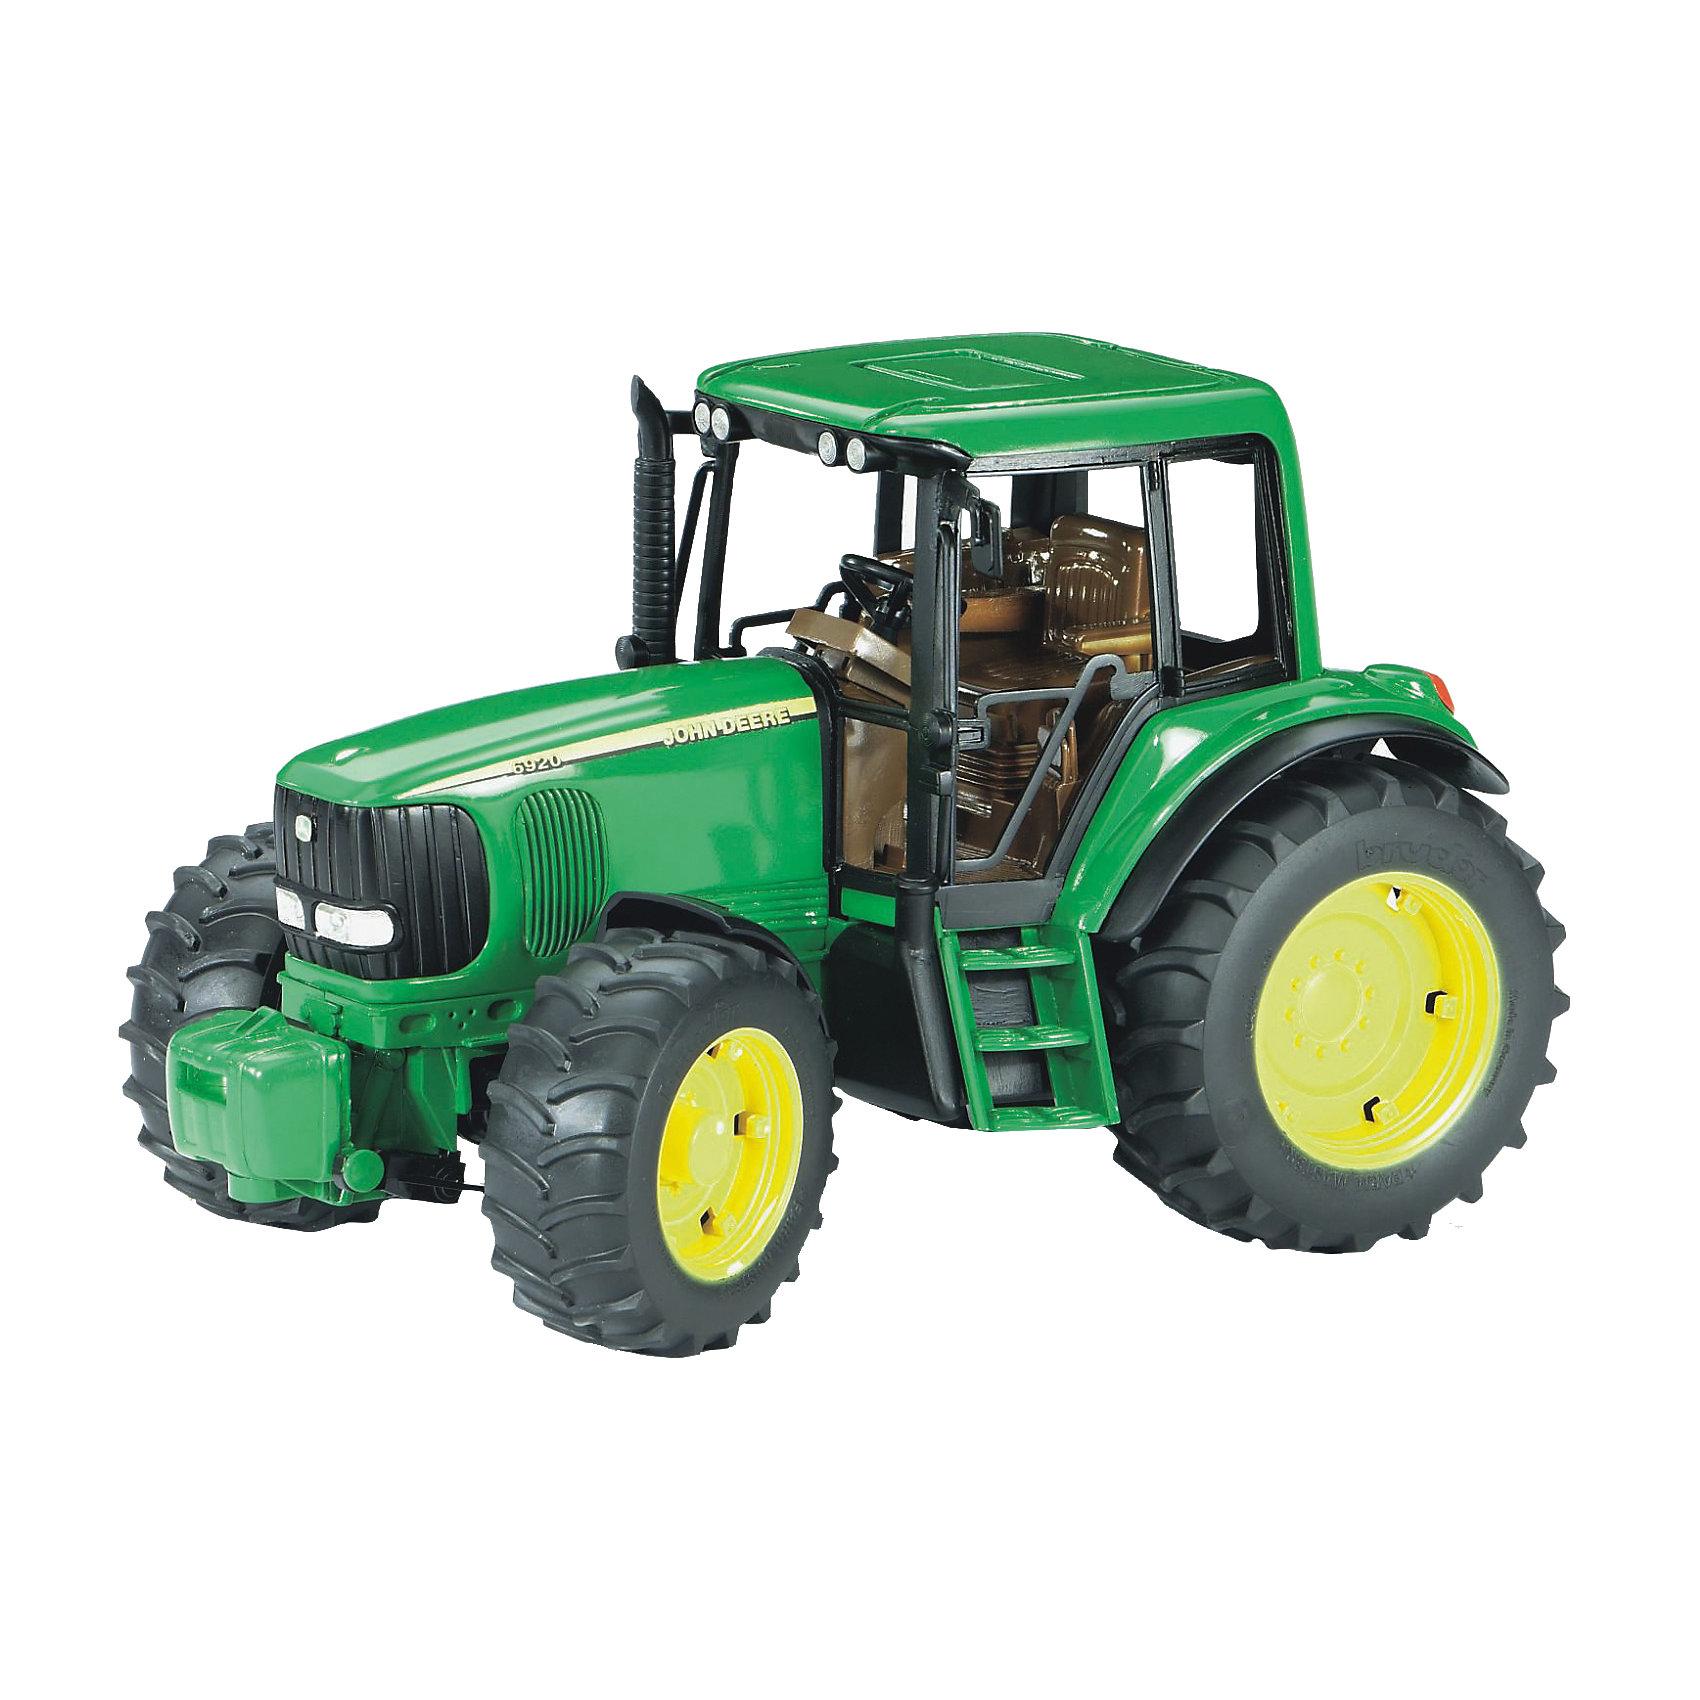 Bruder Трактор John Deere, Bruder машины tomy john deere трактор monster treads с большими колесами и вибрацией